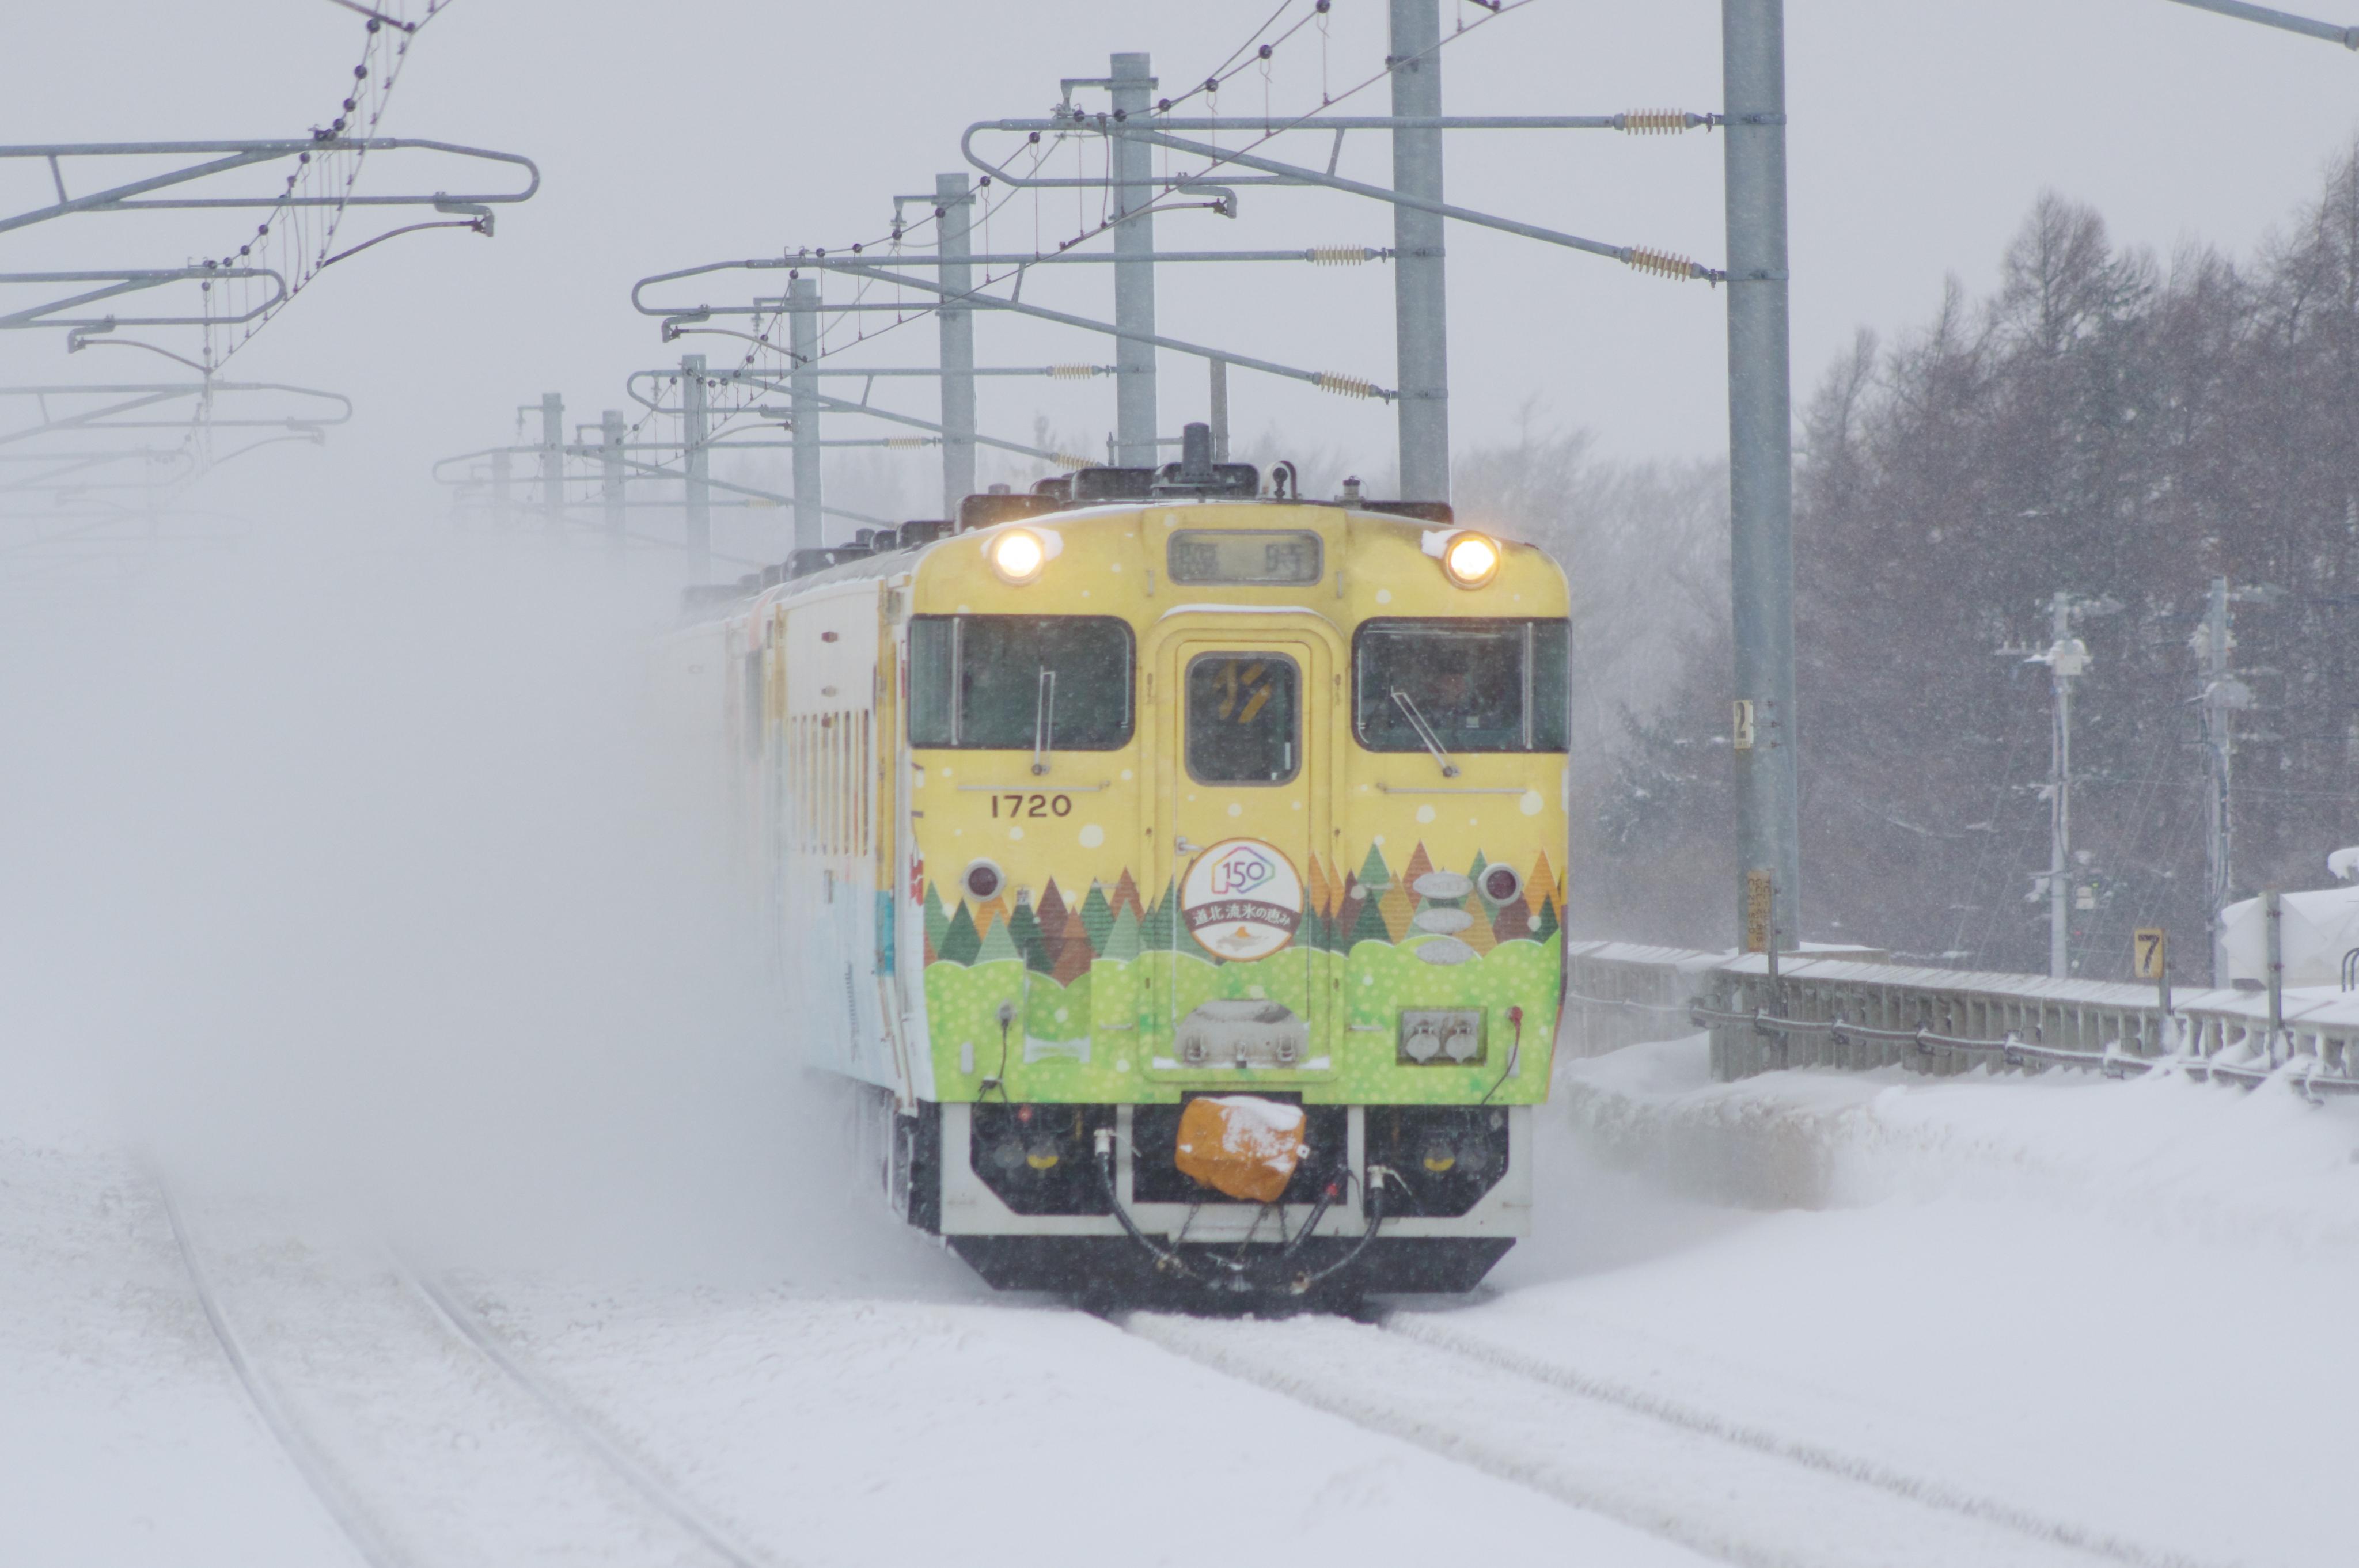 キハ40 団臨 元気です 夕張号 野幌駅_190202 (1).jpg